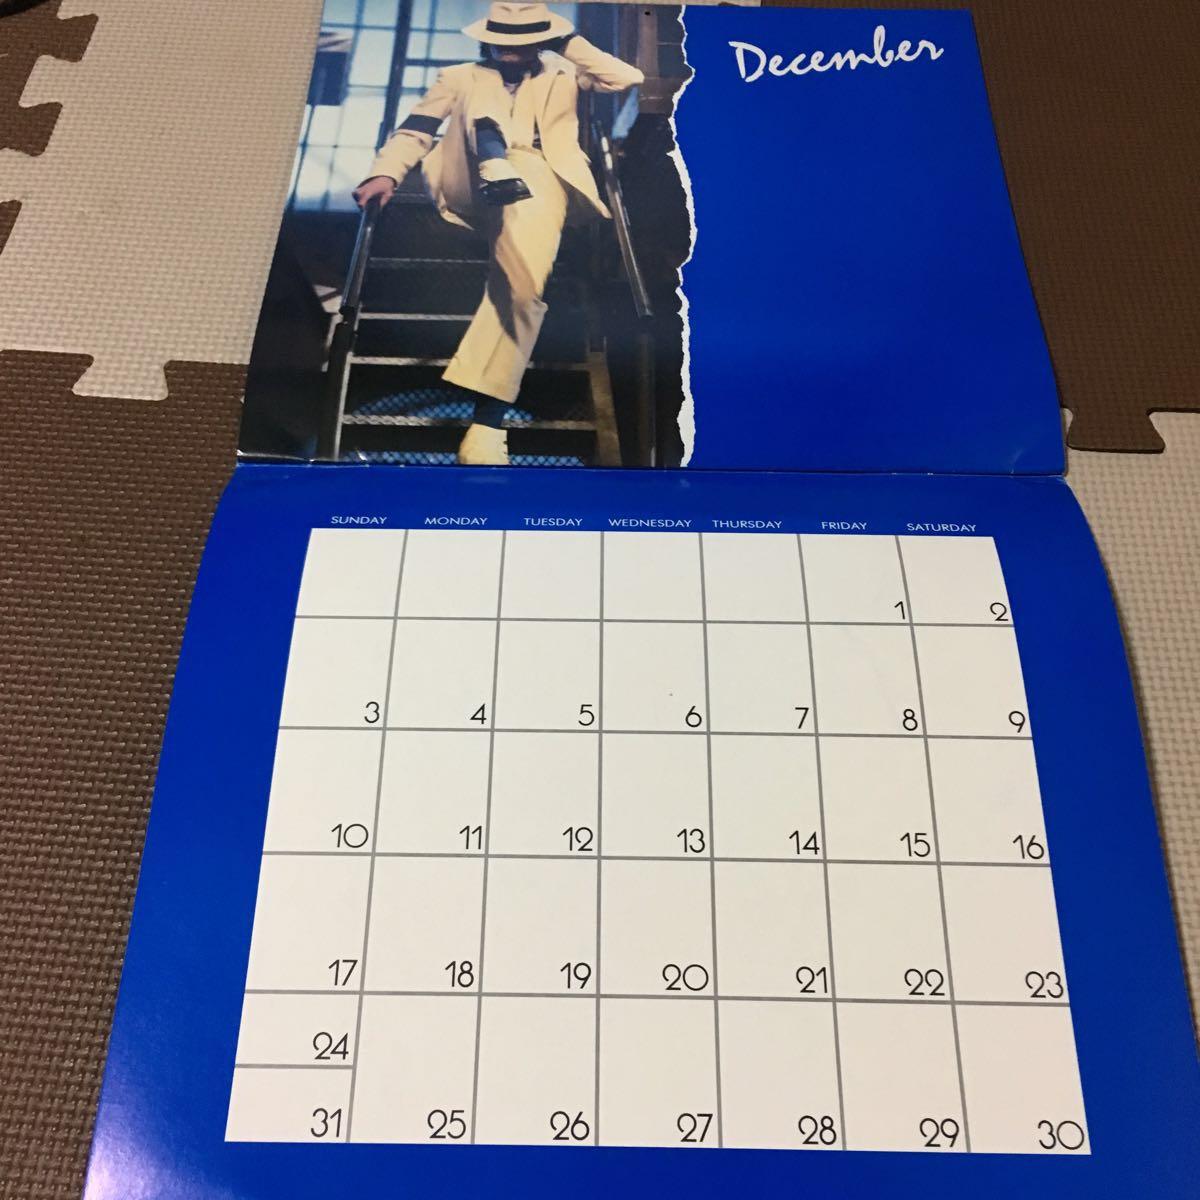 マイケルジャクソン カレンダー ムーンウォーカー 1989年(輸入版)_画像8